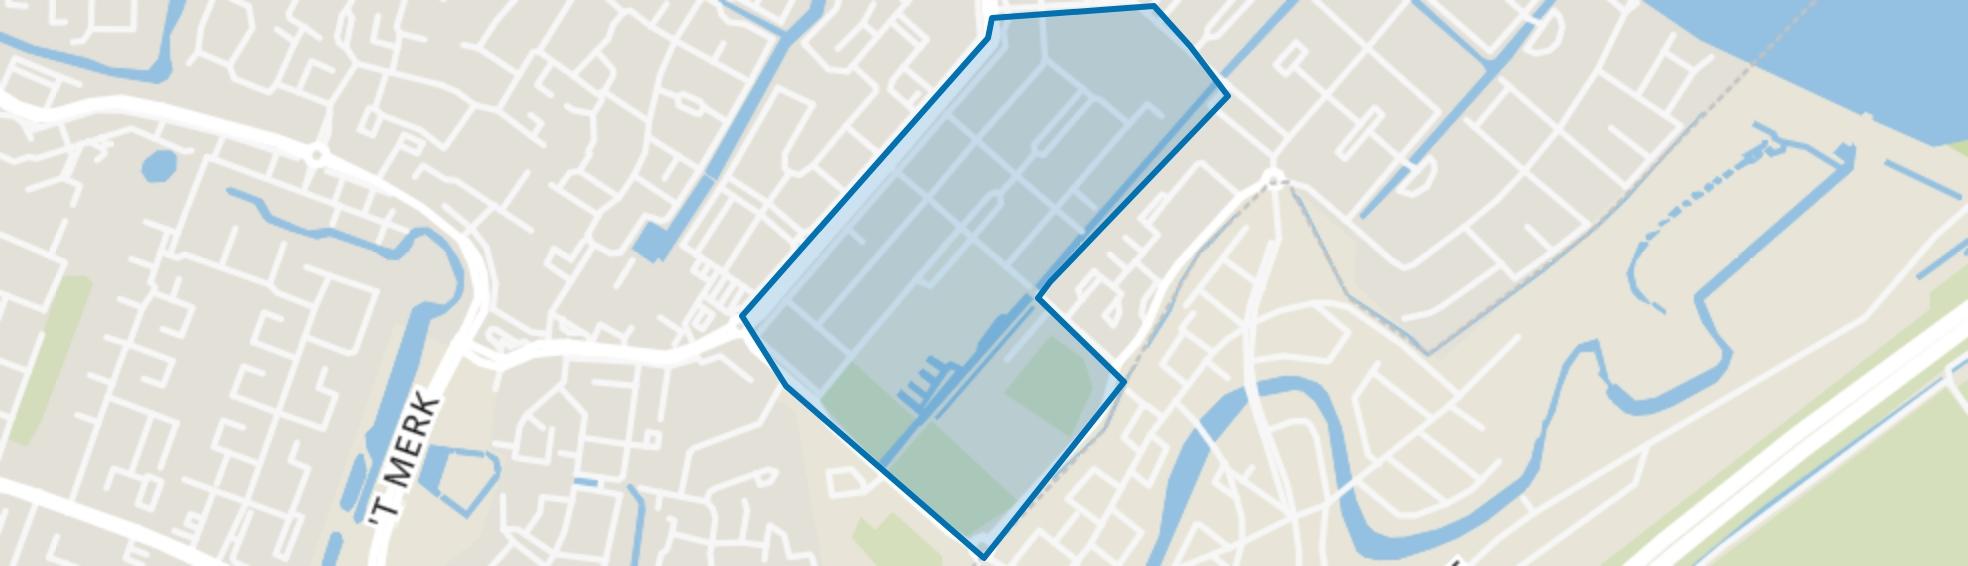 Bovenmaat-Oost, Huizen map